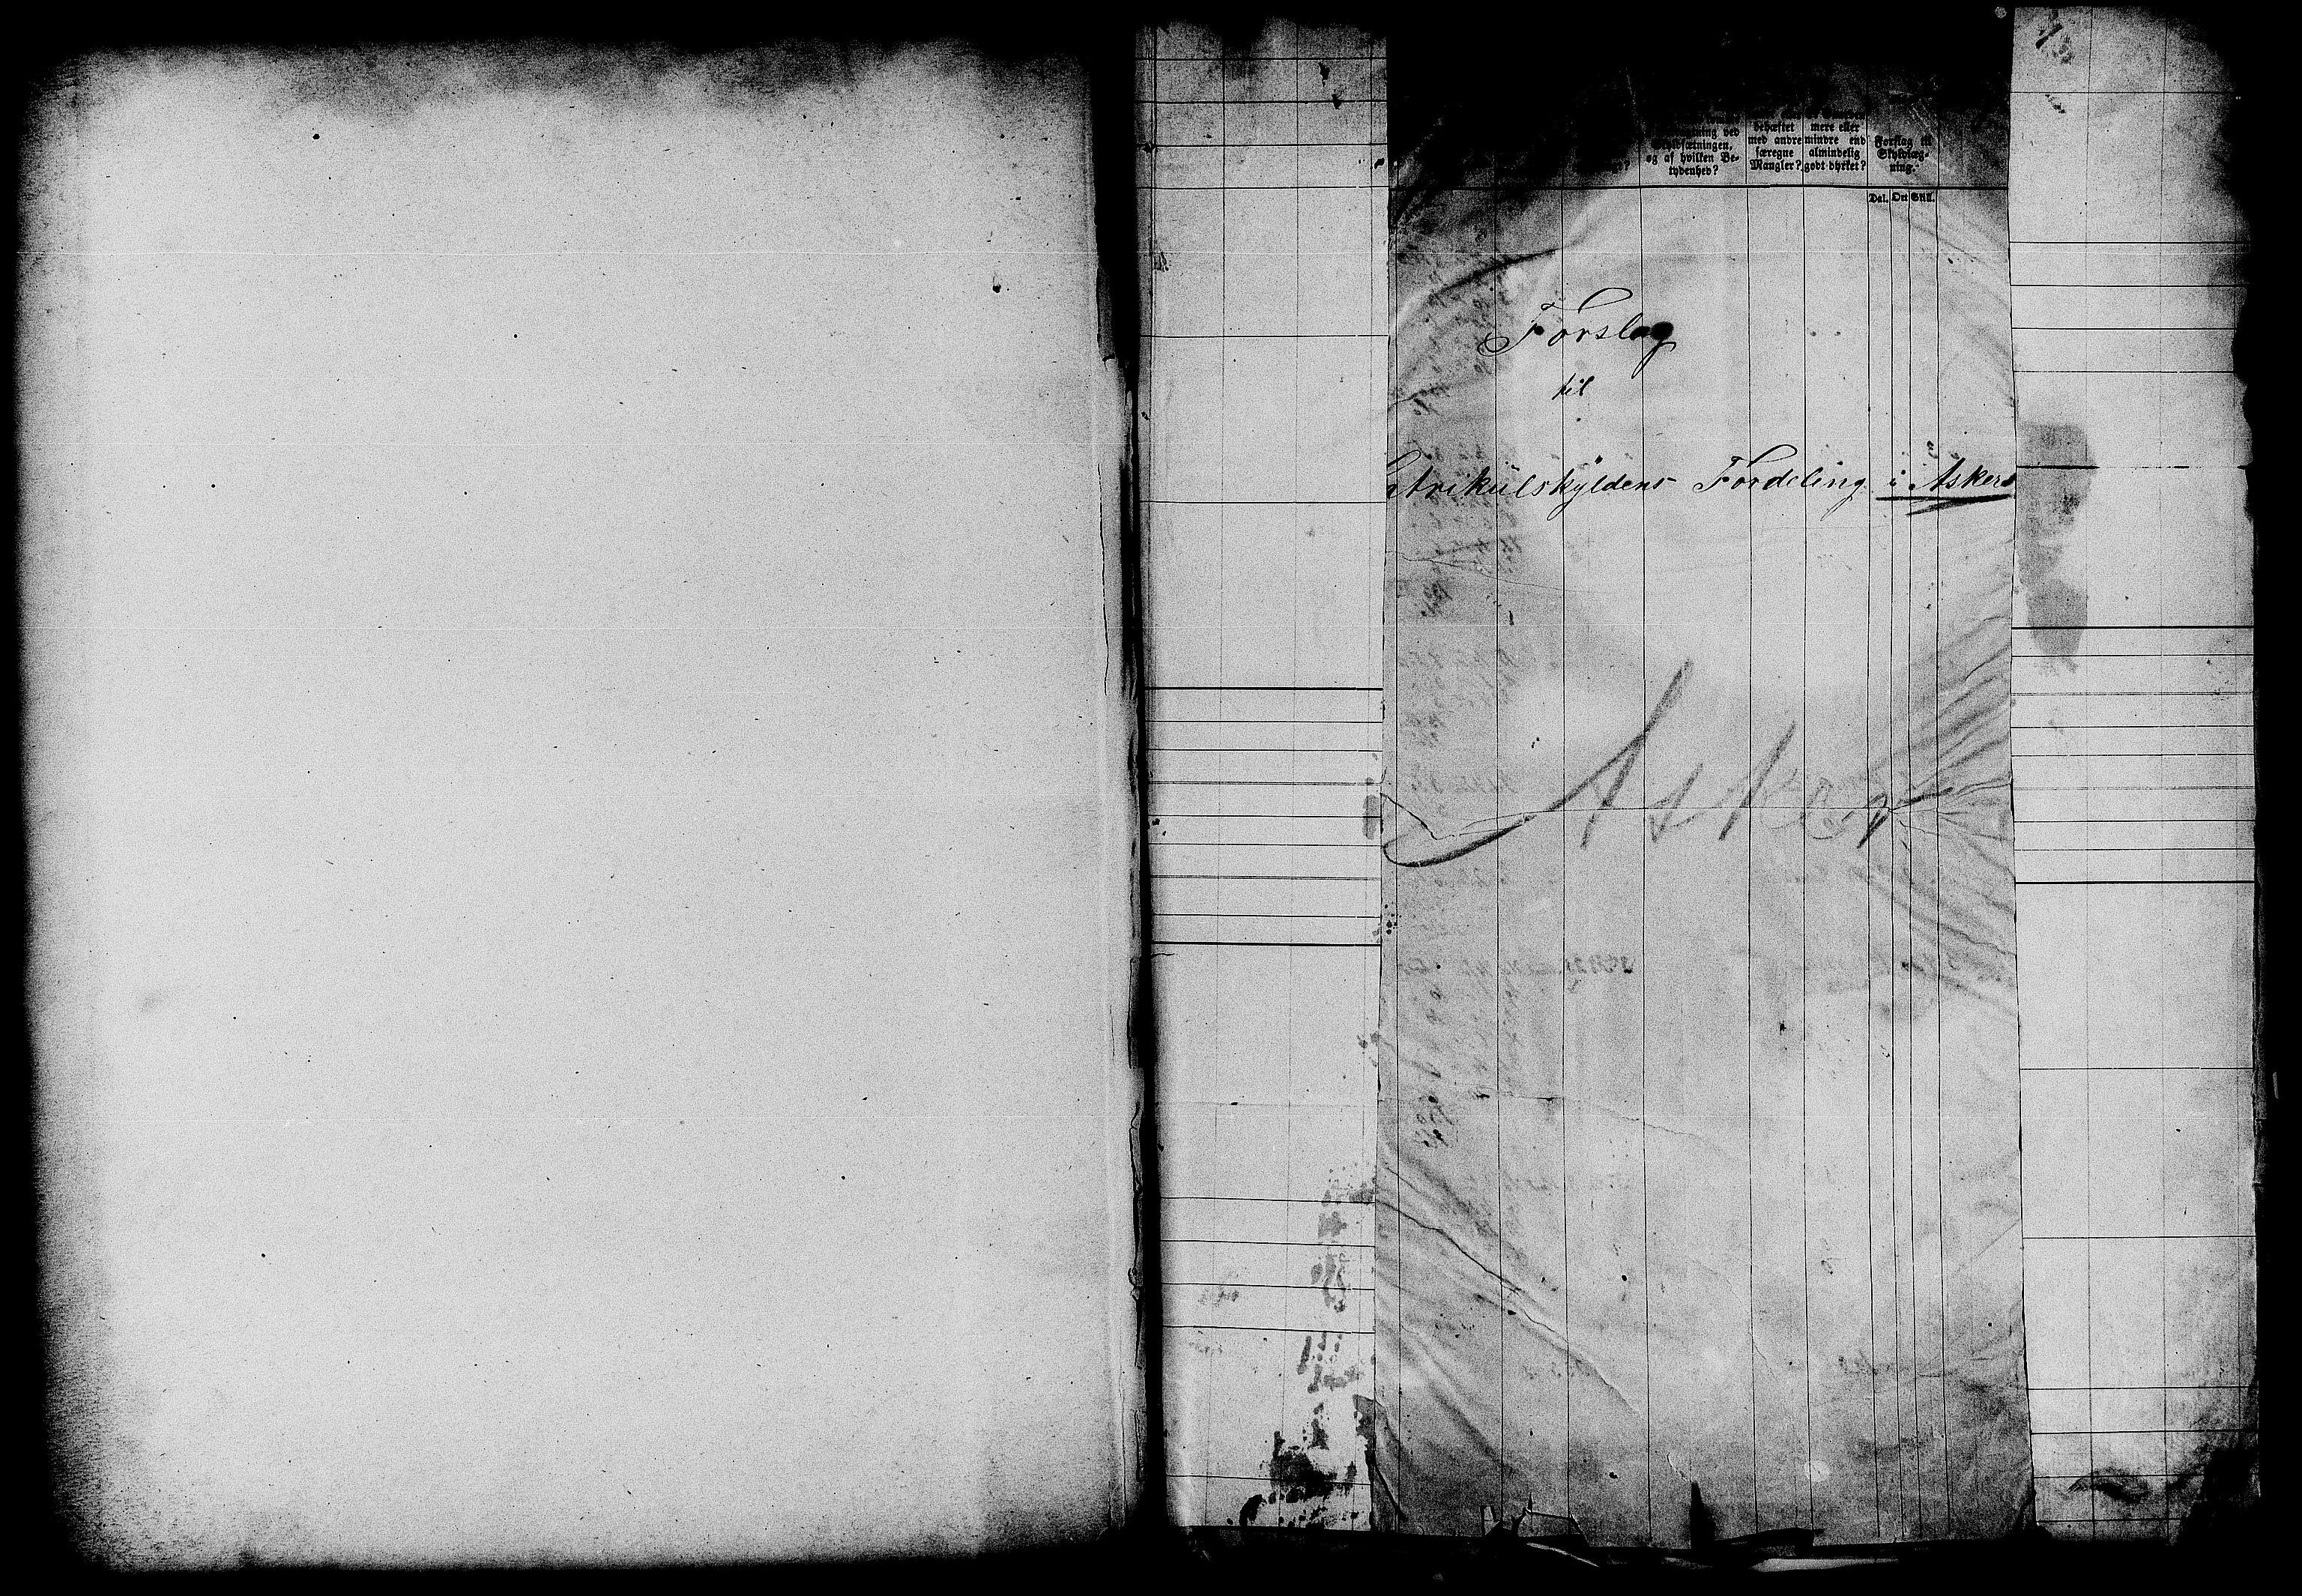 RA, Matrikkelrevisjonen av 1863, F/Fe/L0030: Asker, 1863